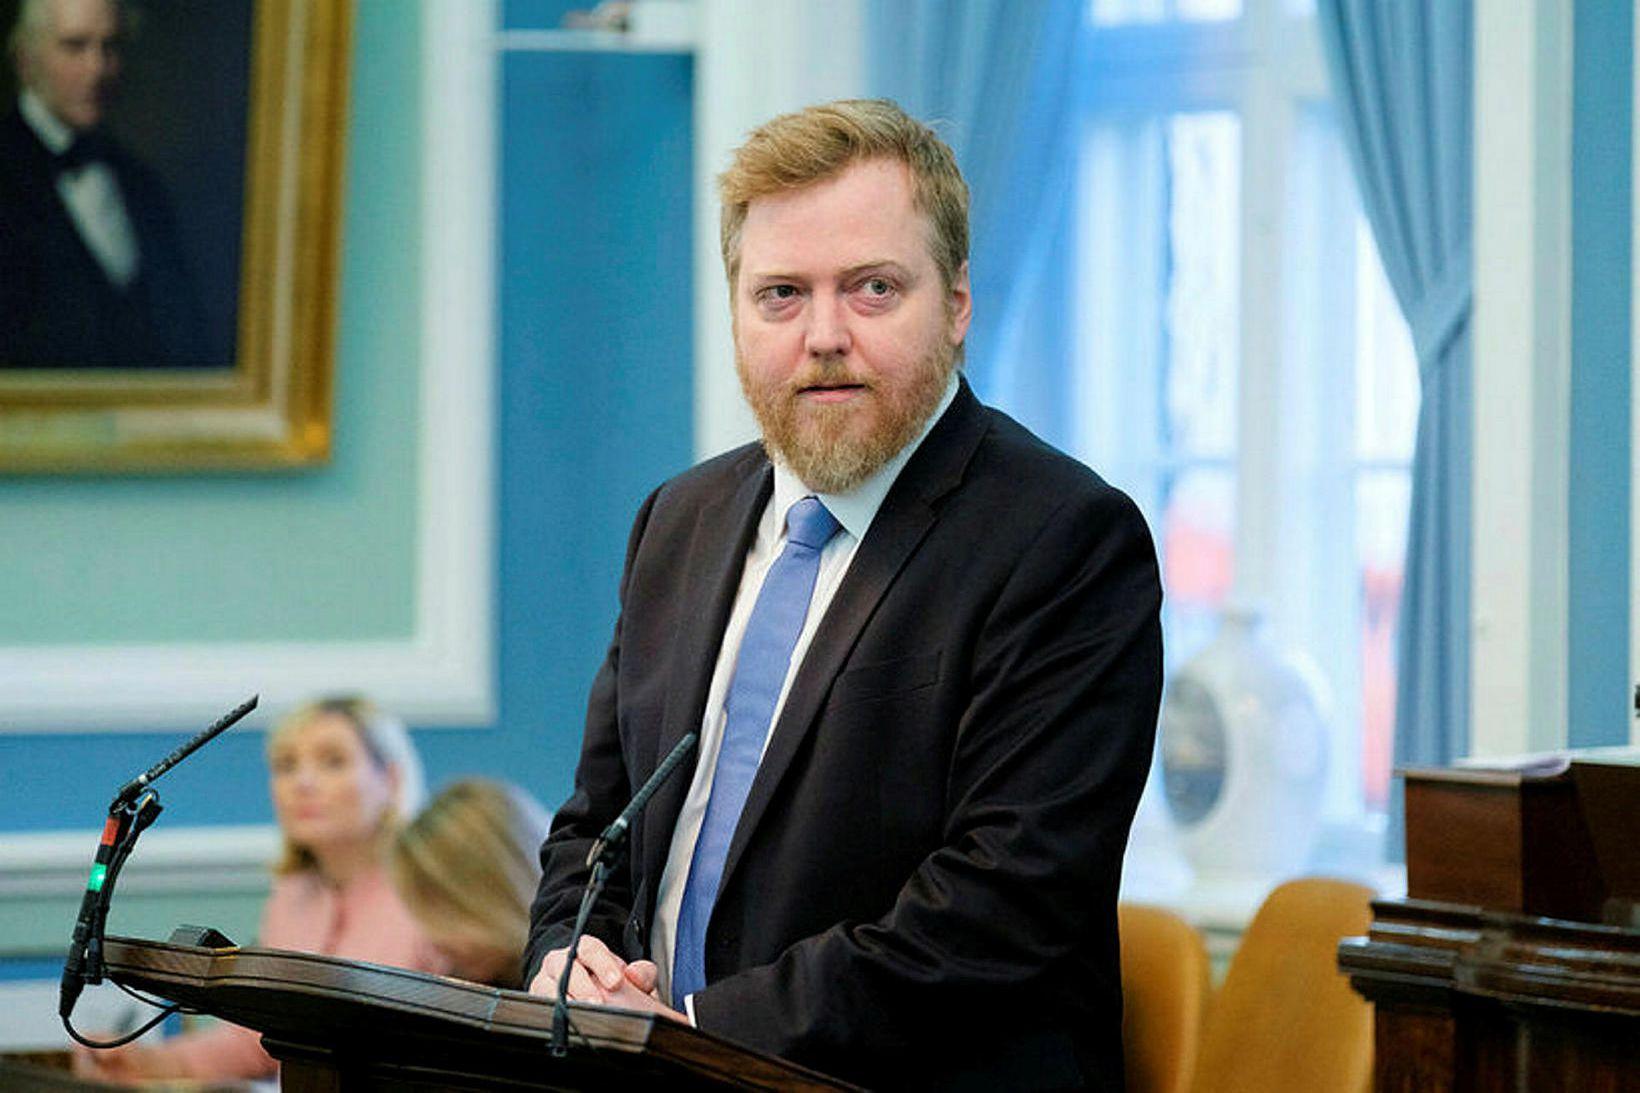 Sigmundur Davíð Gunnlaugsson þingmaður Miðflokksins, furðaði sig á skipan starfshóps …